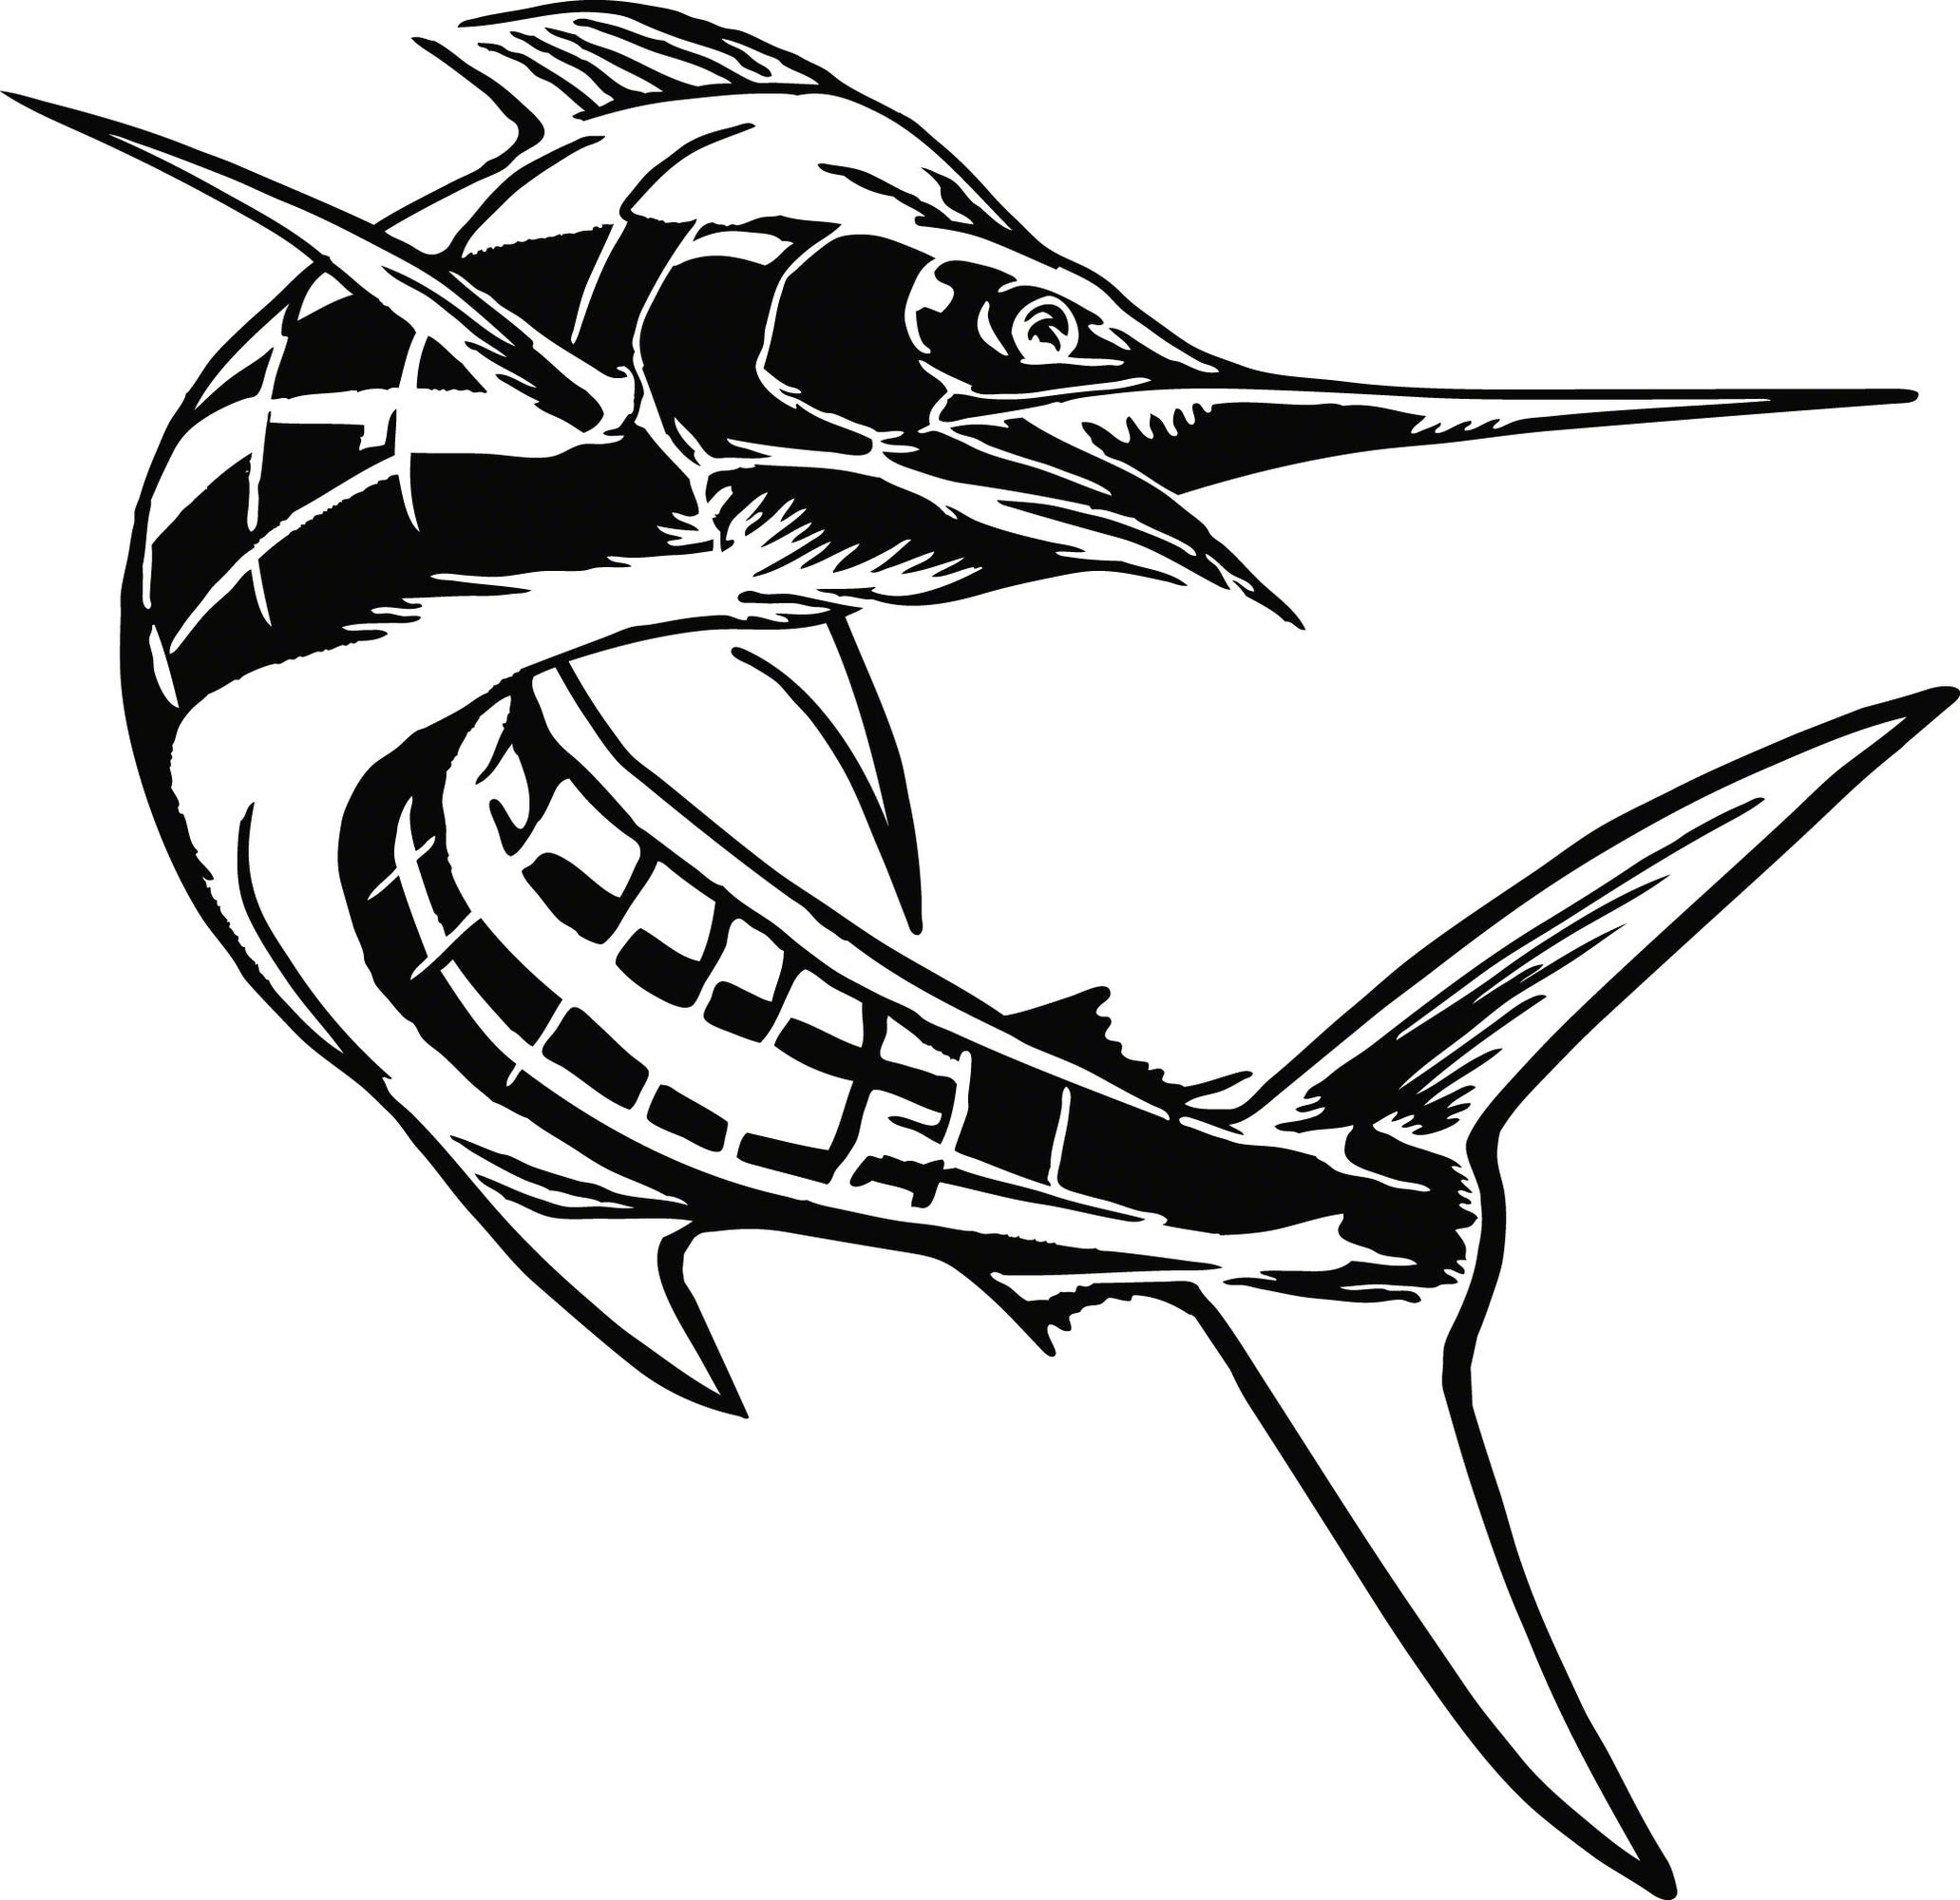 Calcutta Lvecm002 Cut Decal Marlin 7